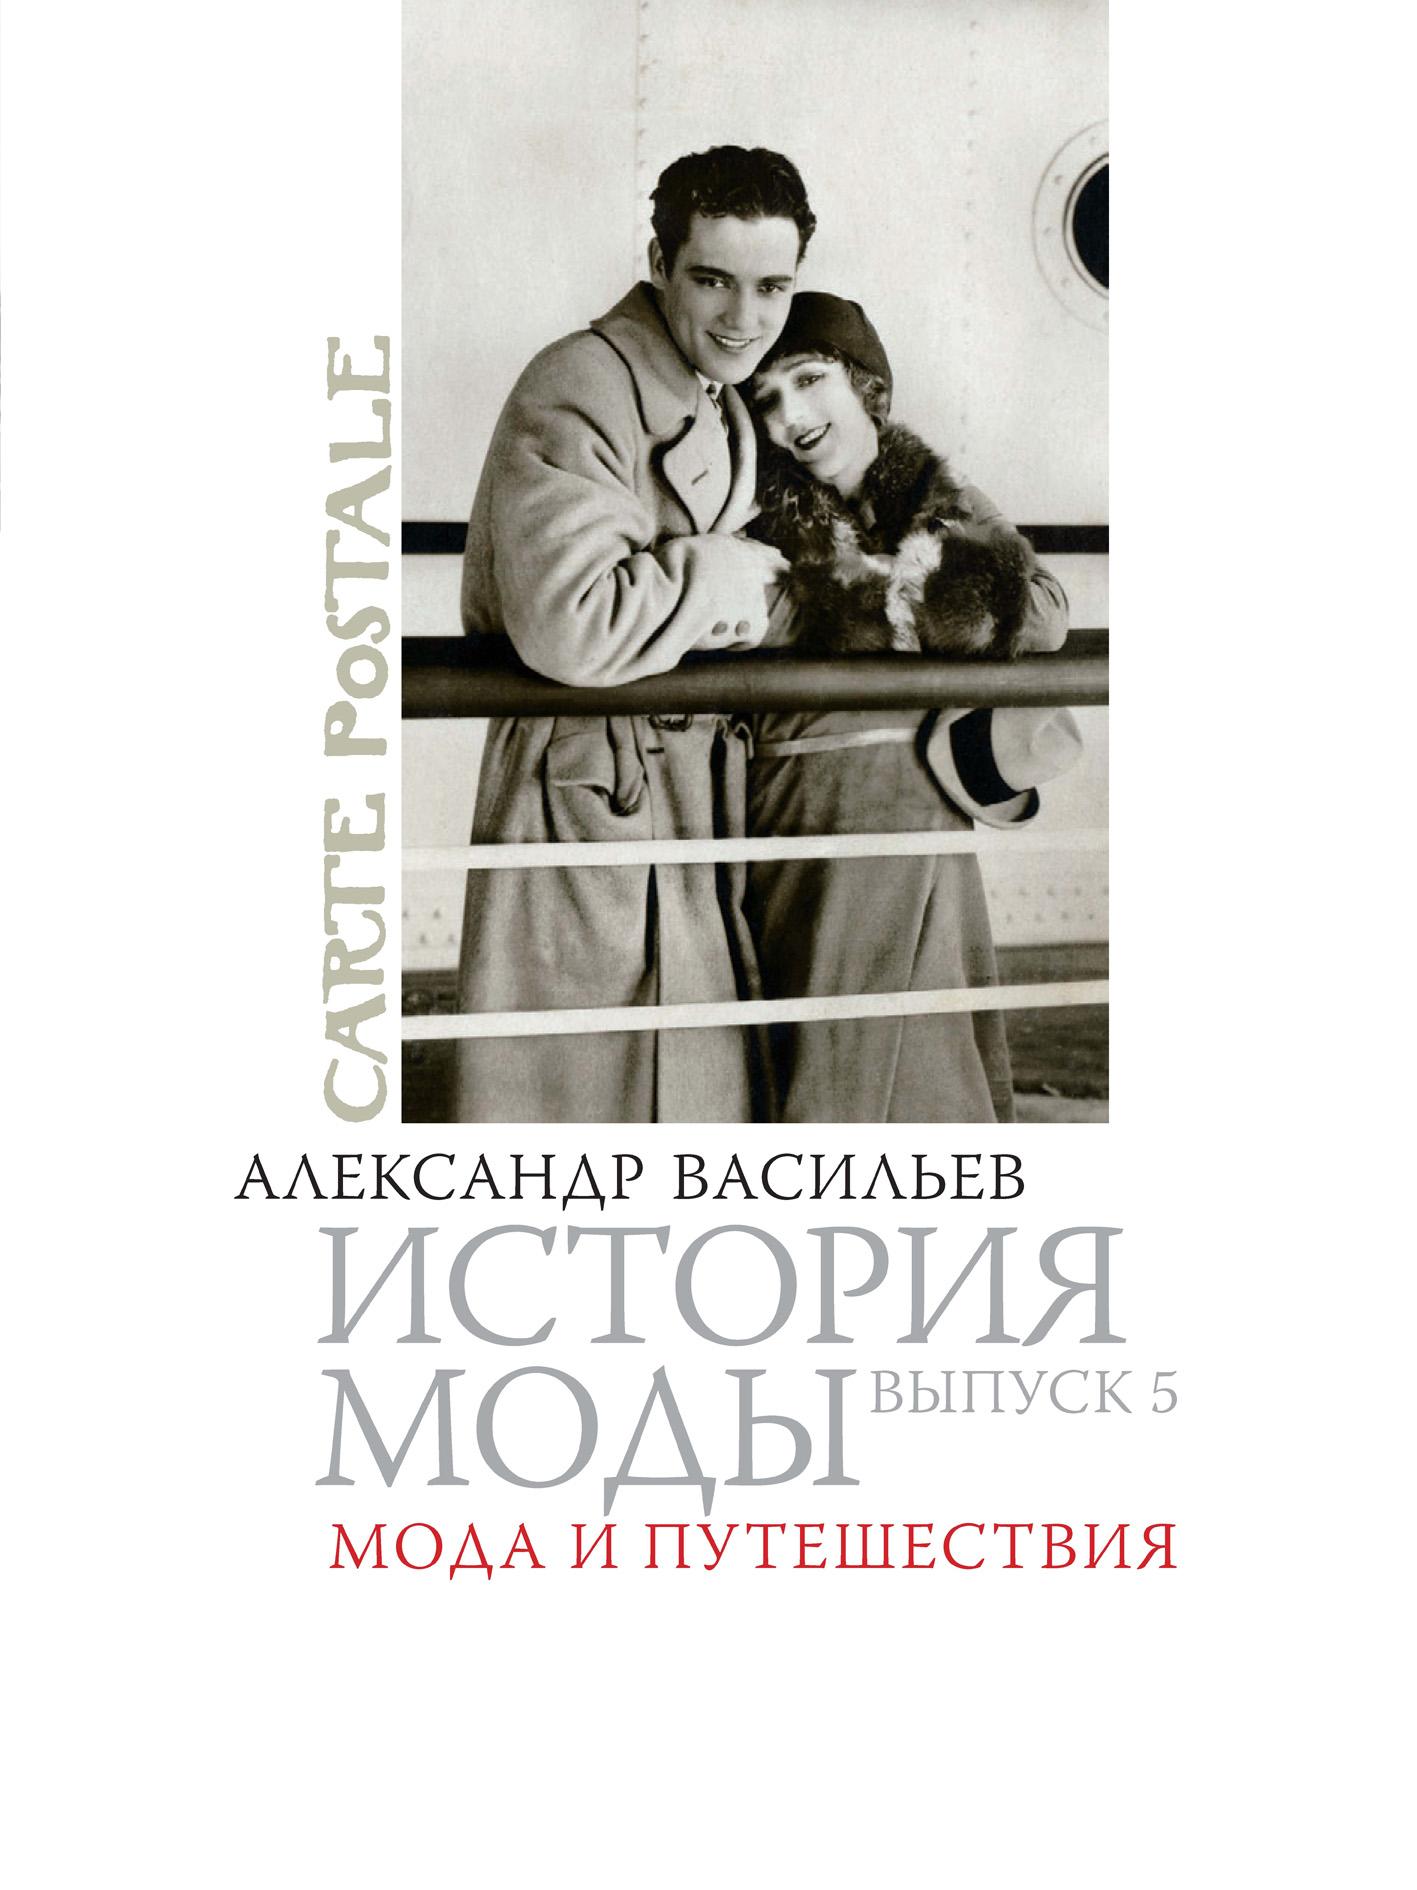 Александр Васильев Мода и путешествия